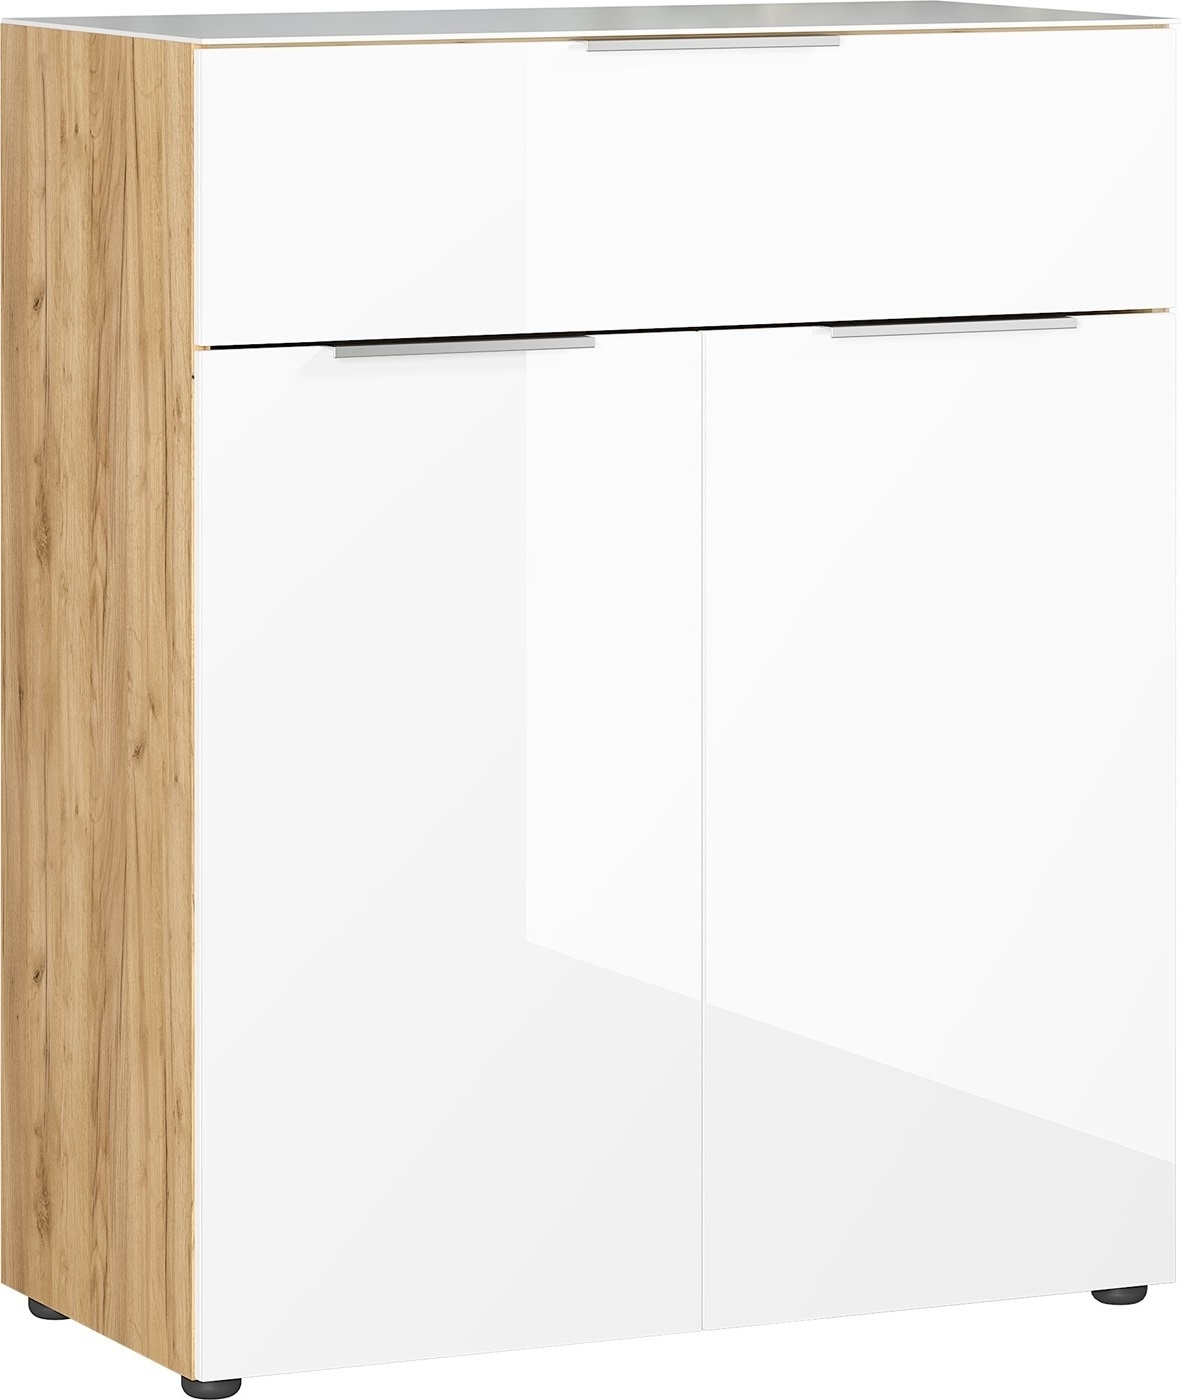 Opbergkast Oakland 102 cm hoog in wit met navarra eiken | Germania